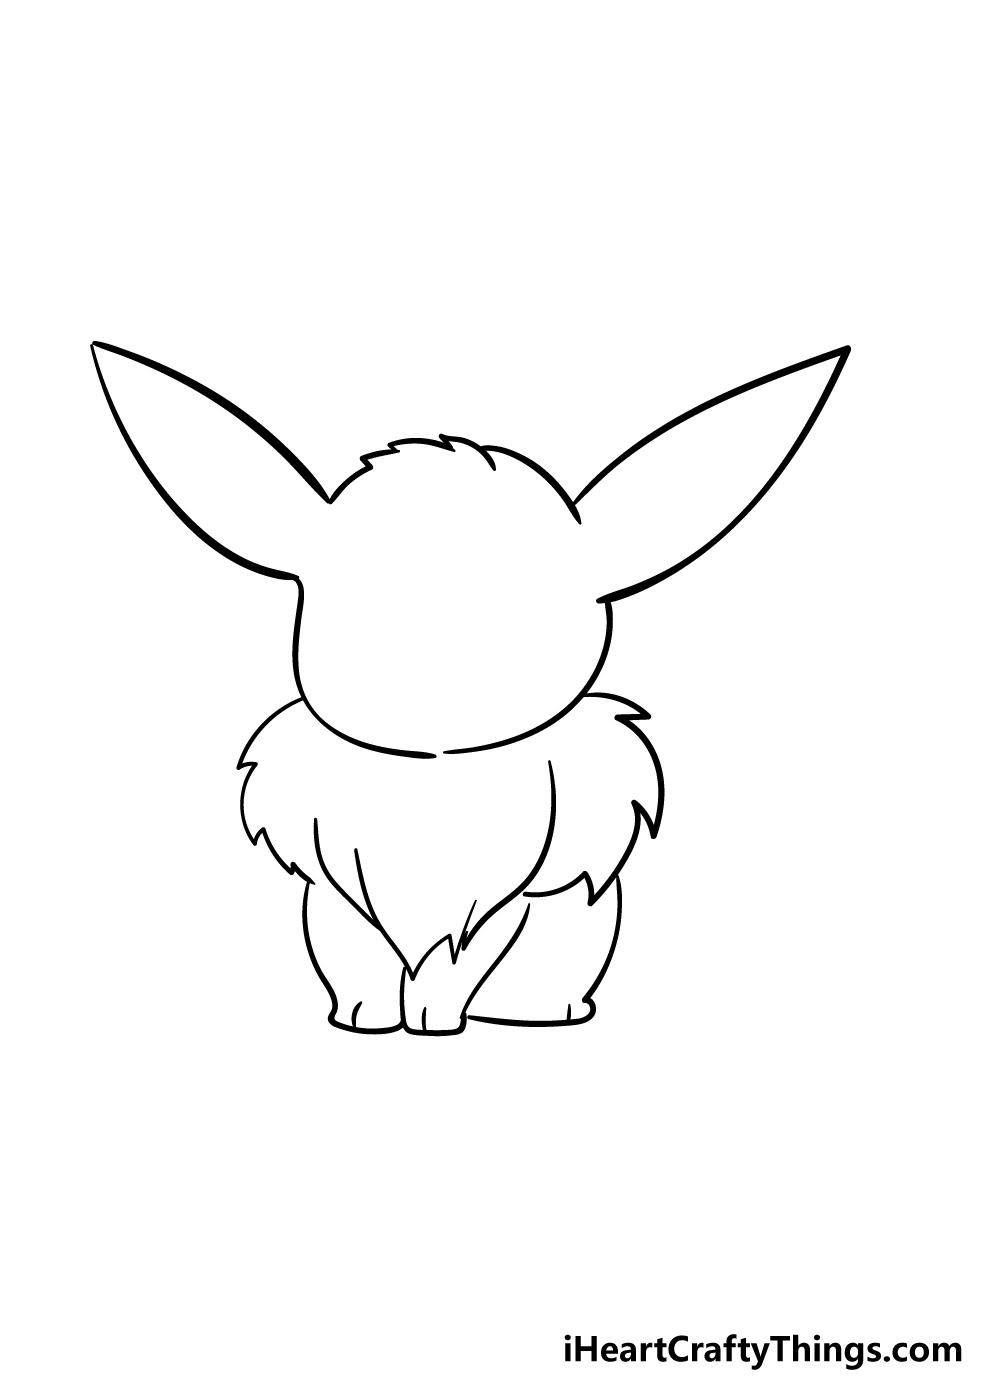 eevee drawing step 3